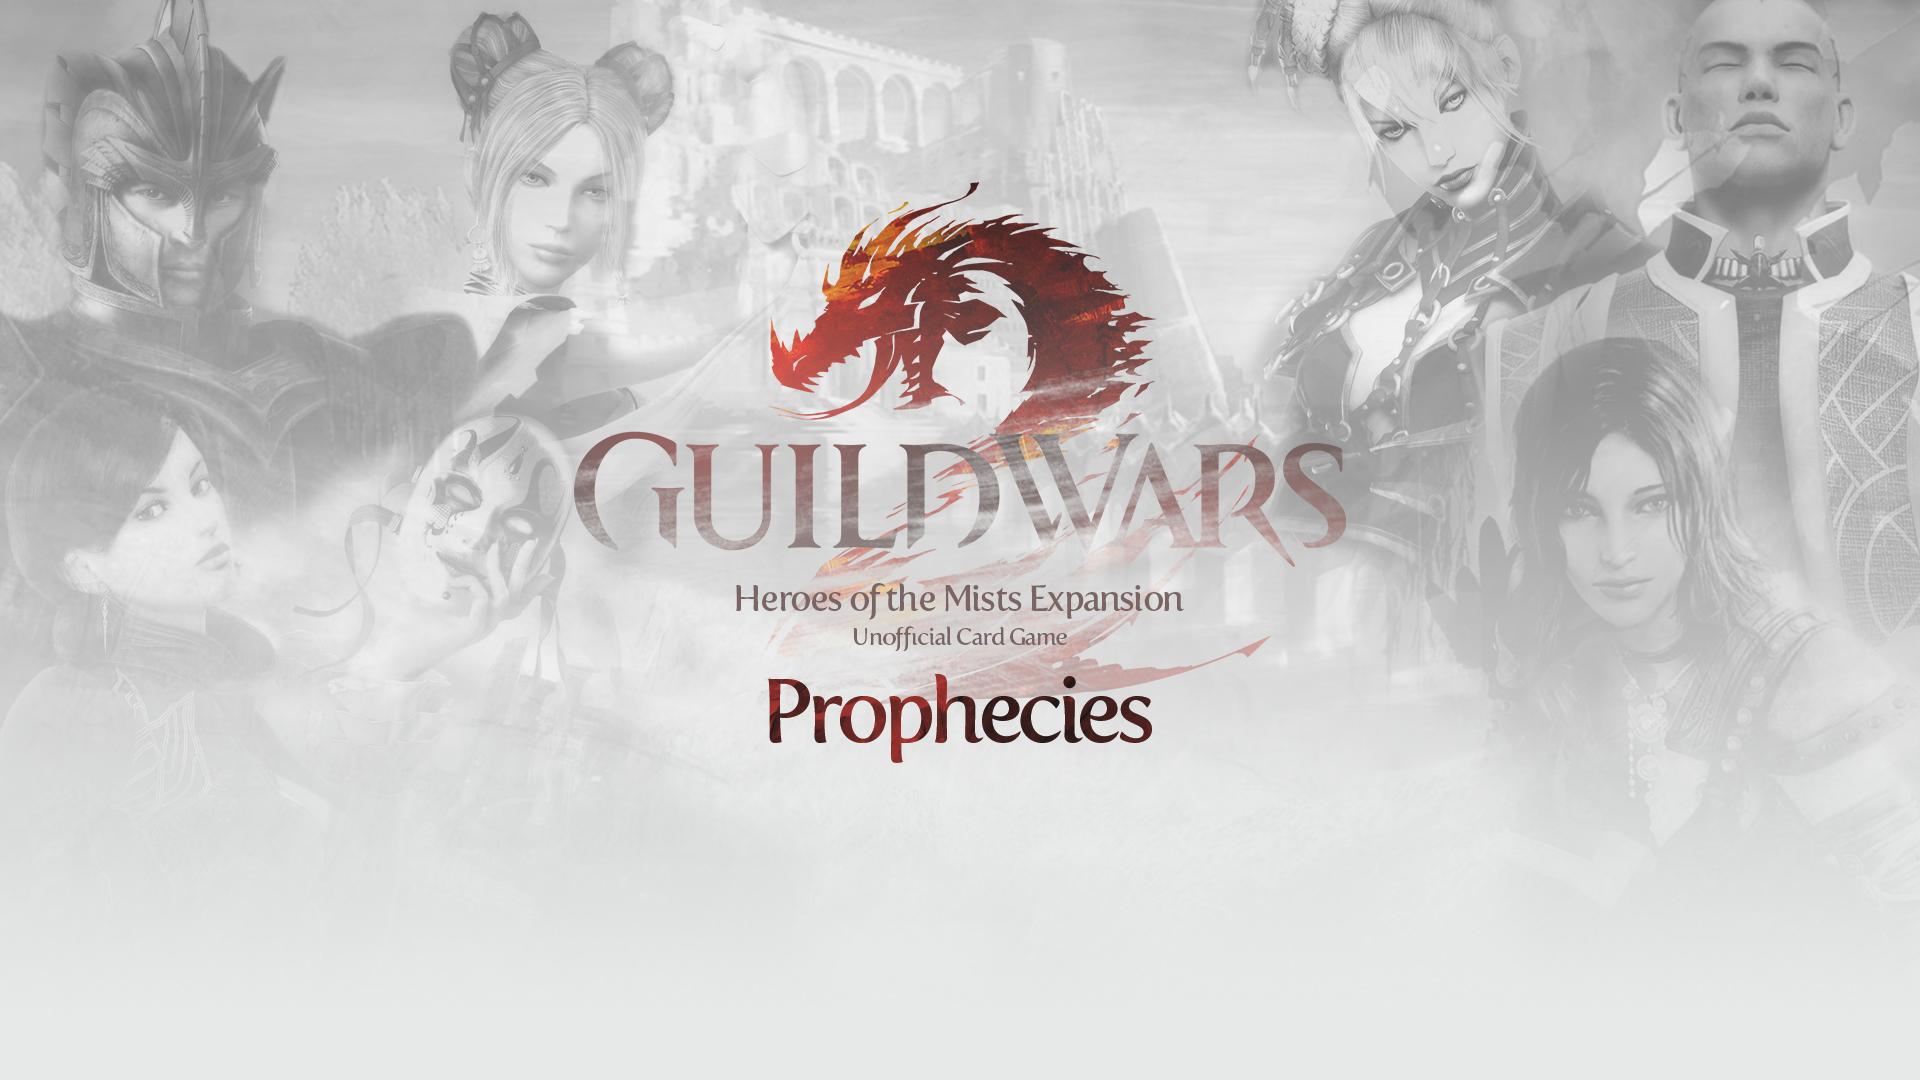 guild wars 2 card game expanson prophecies